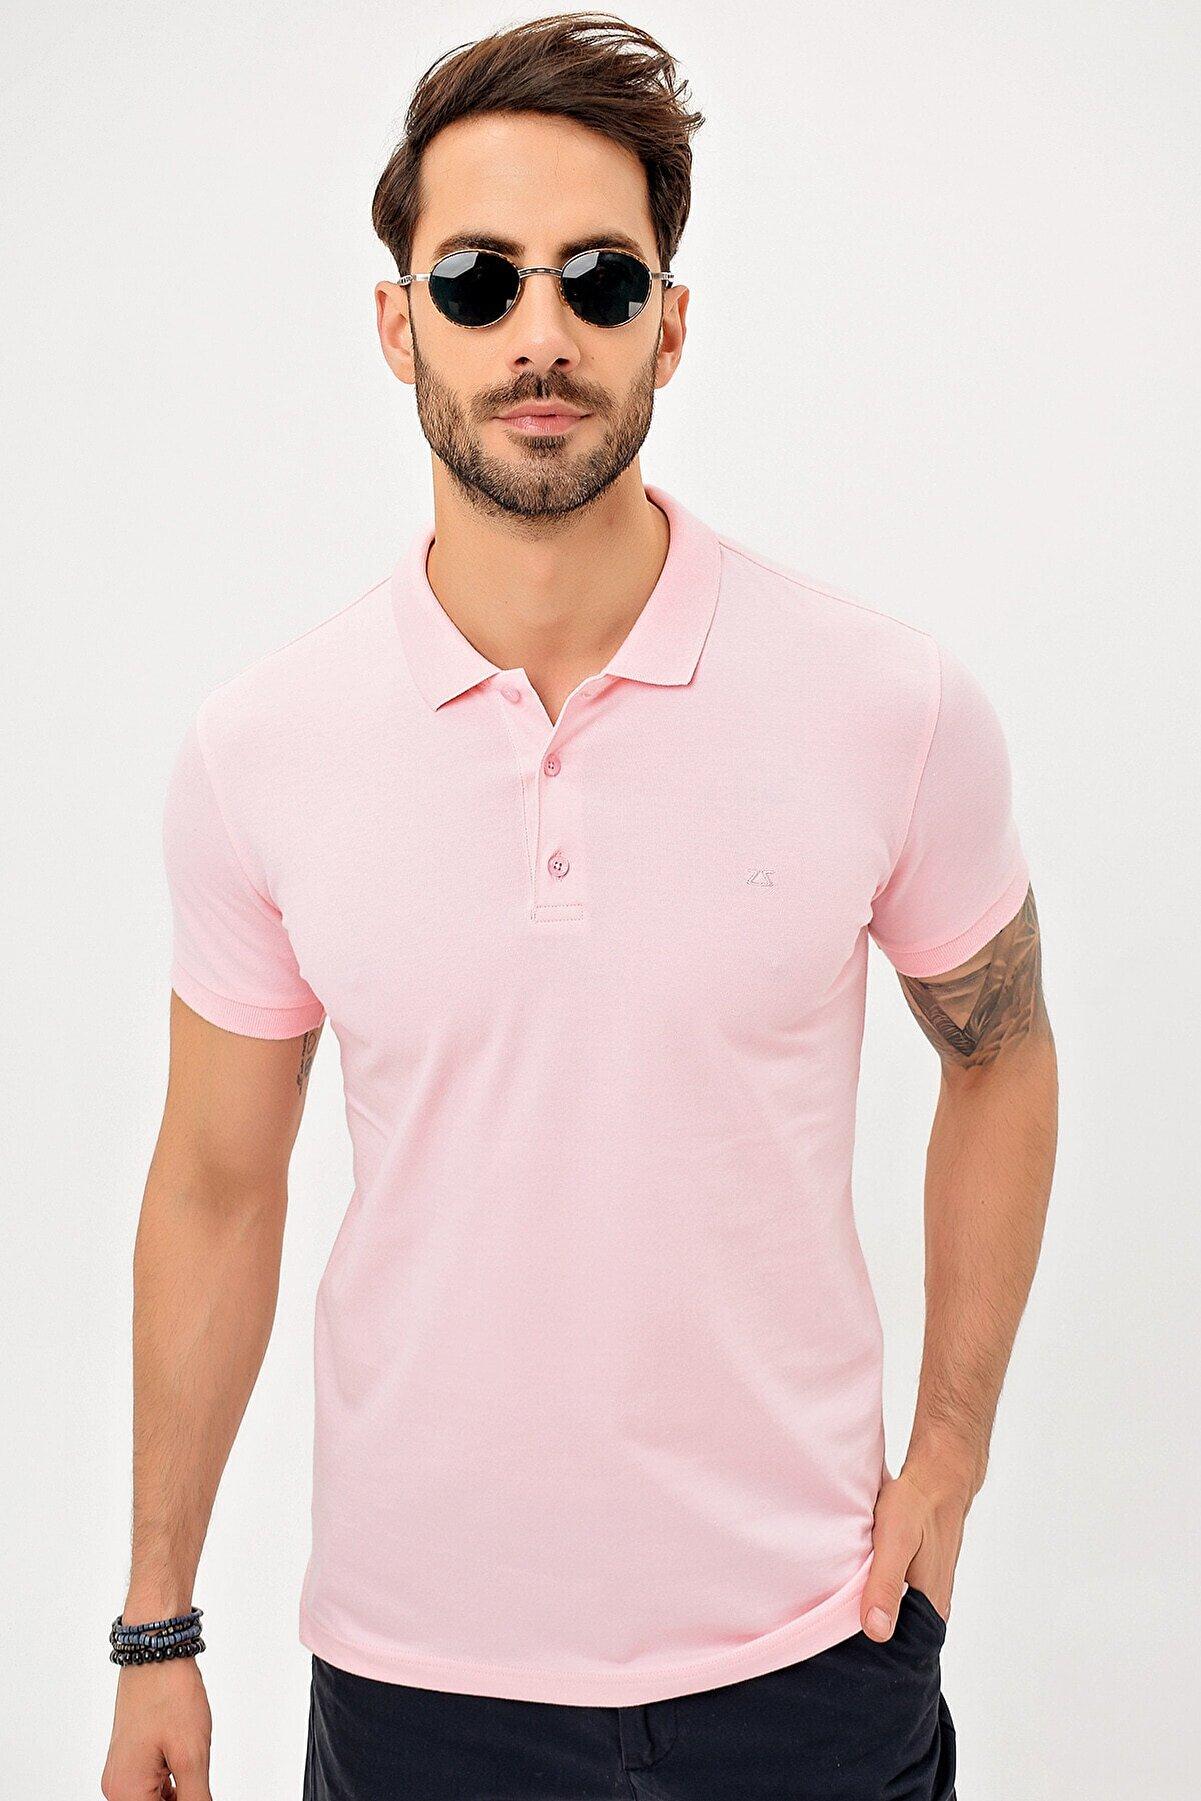 CHUBA Erkek Polo Yaka T-shirt